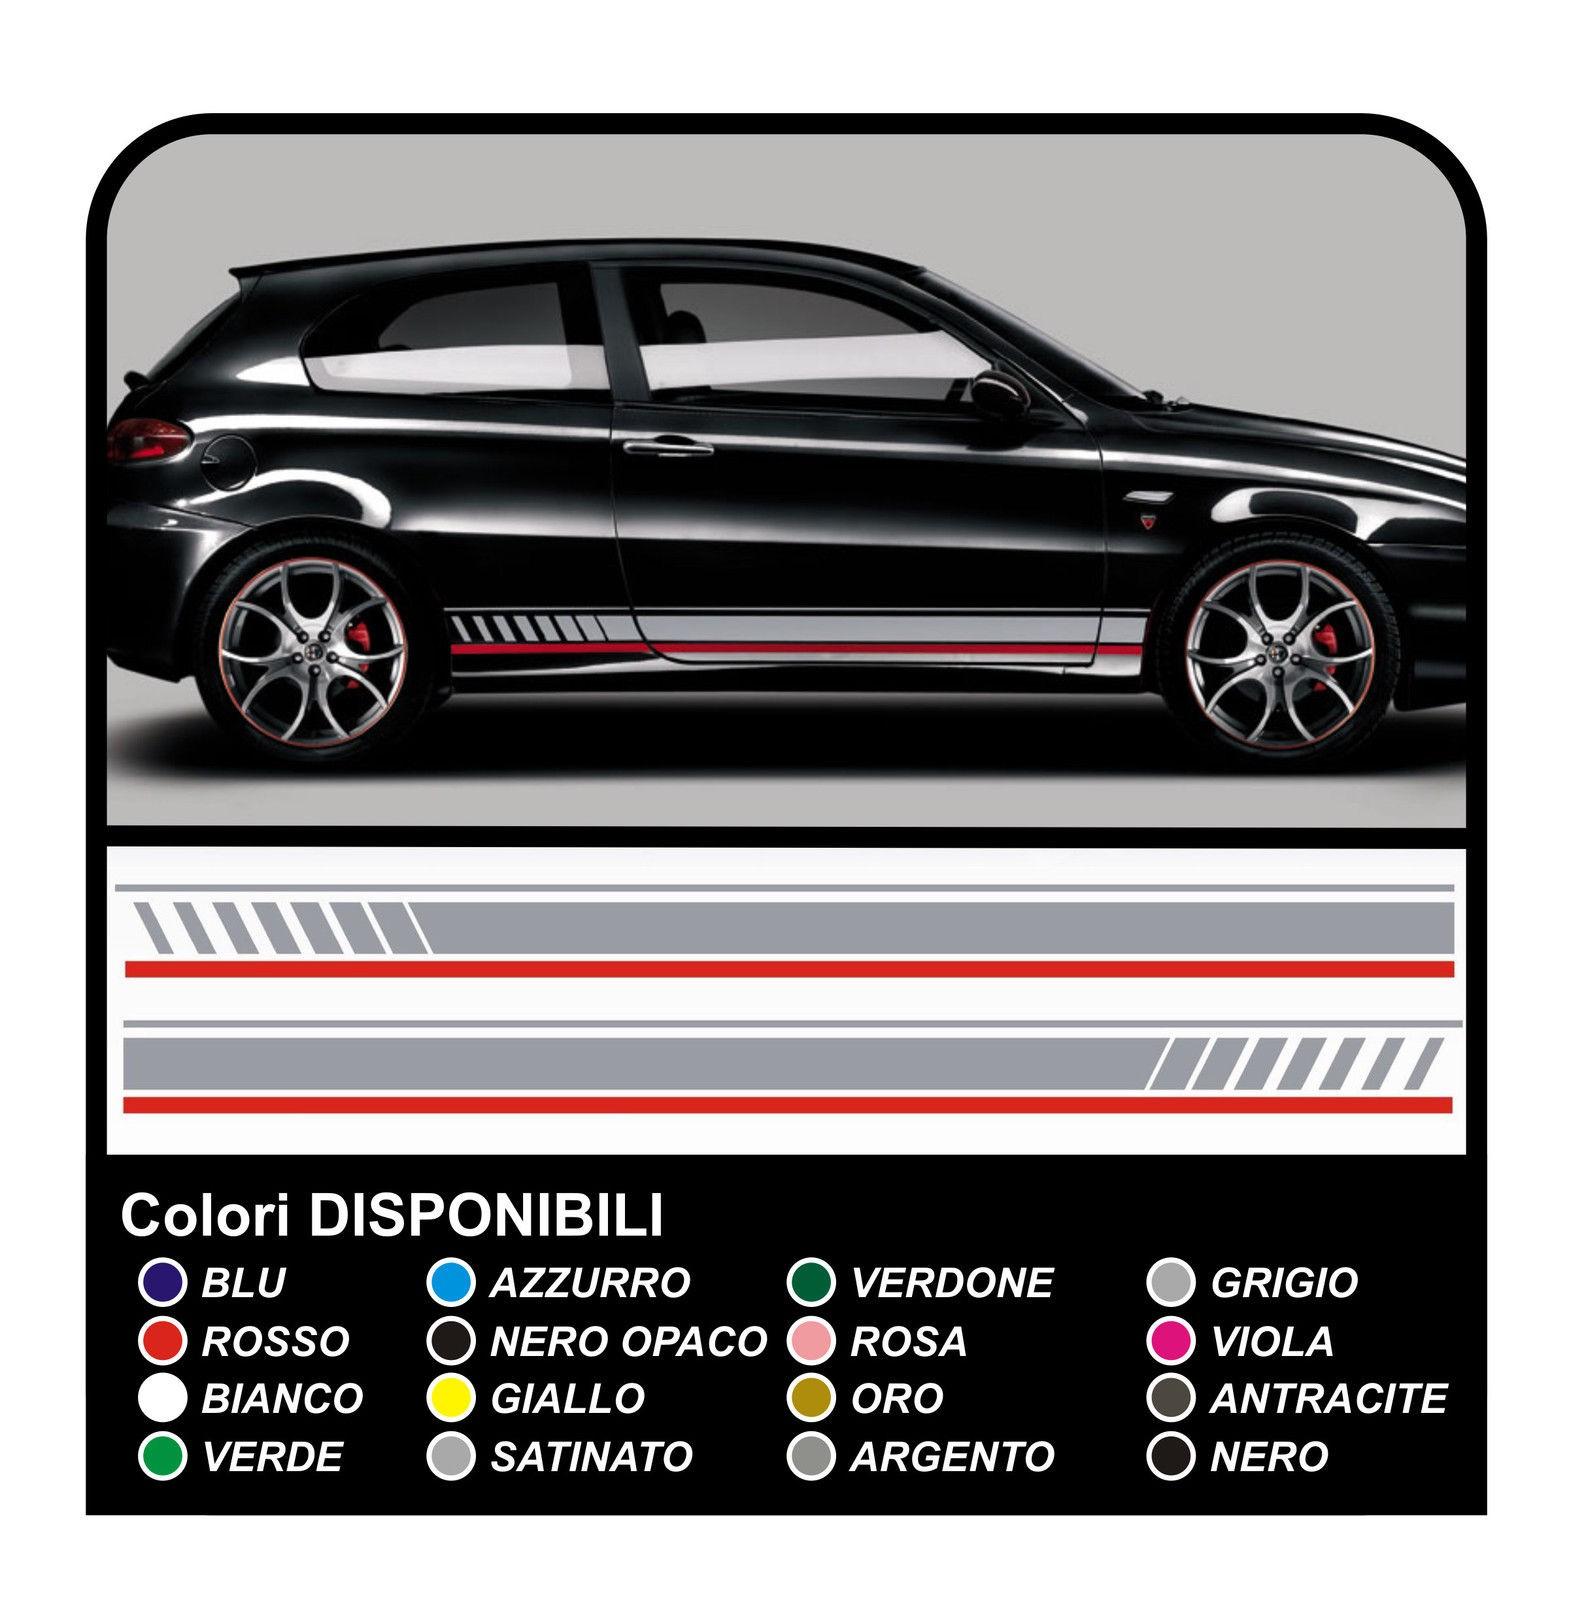 The Kit Decals Stickers Alfa Romeo 147 Ducati Corse Side Bands Mega Grafic S R L